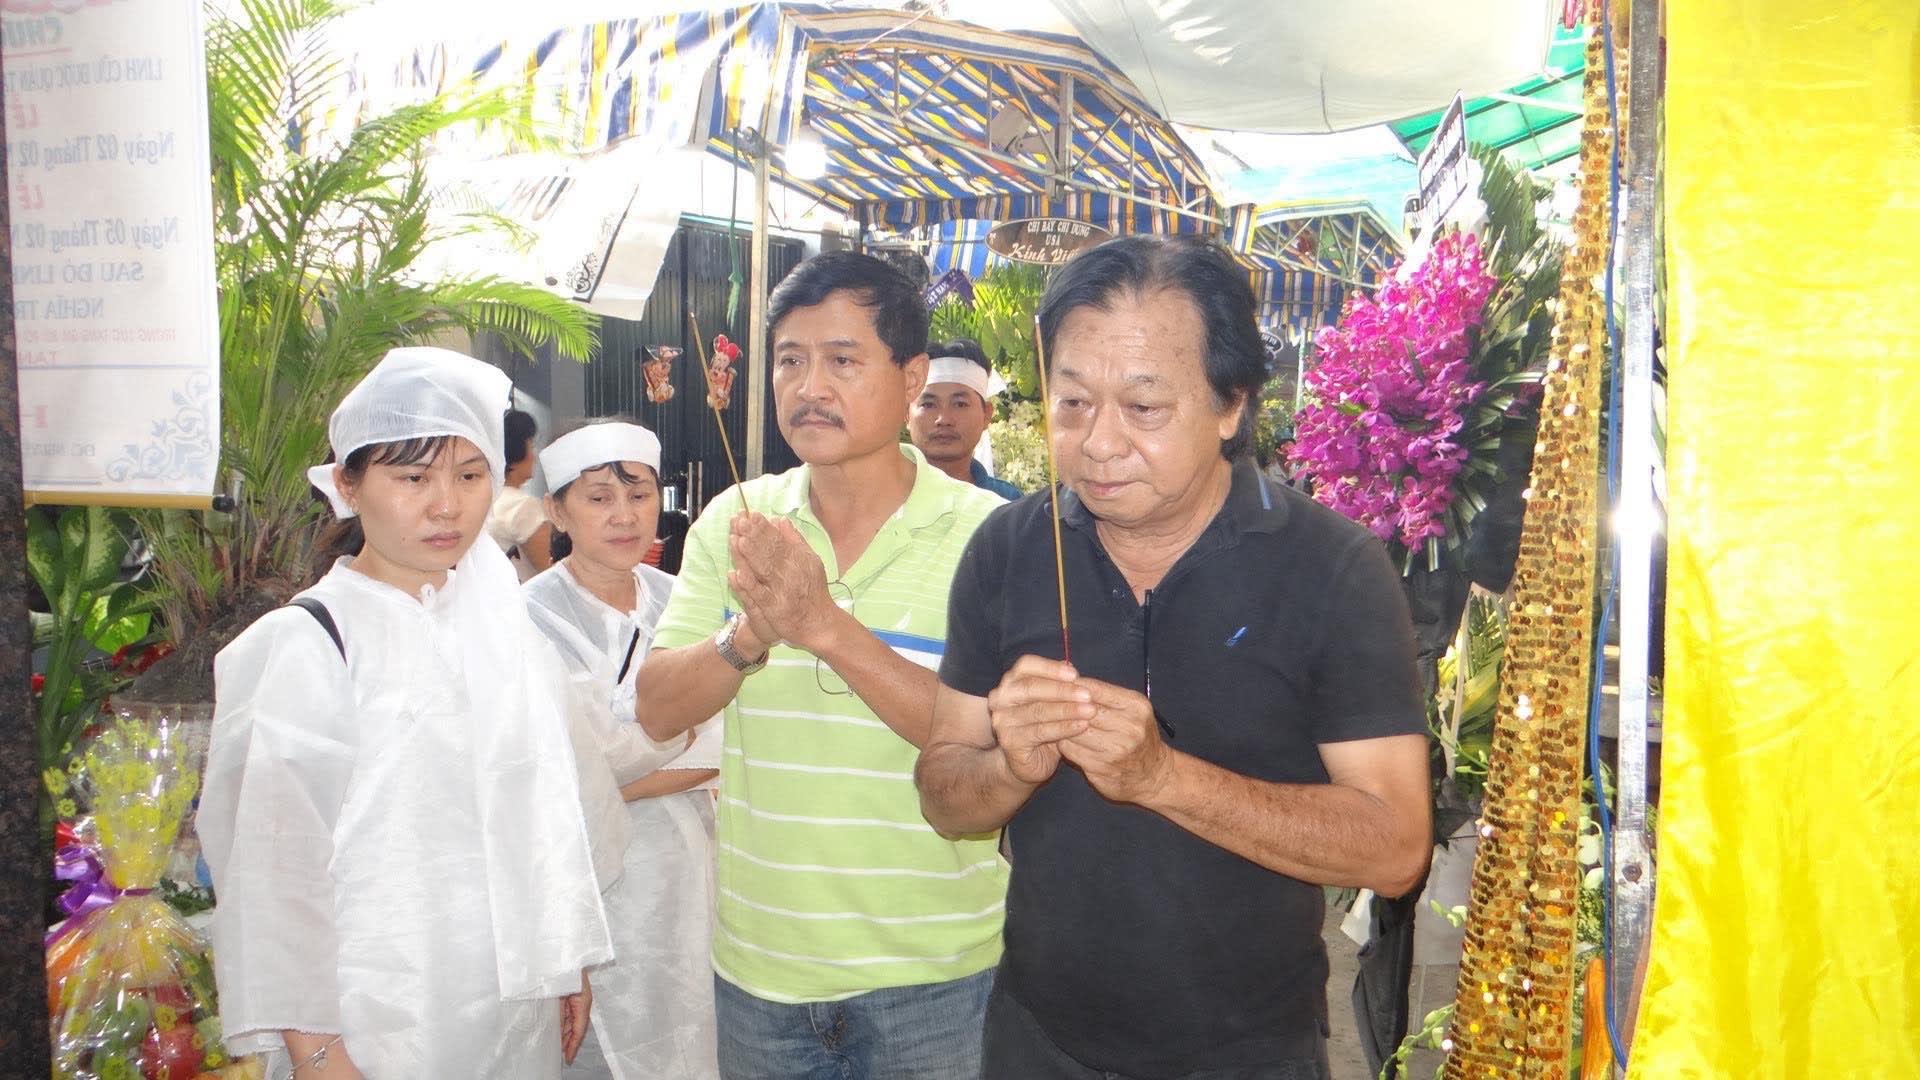 Khán giả ủng hộ 100 triệu đồng an táng NSƯT Chiêu Hùng - Ảnh 1.